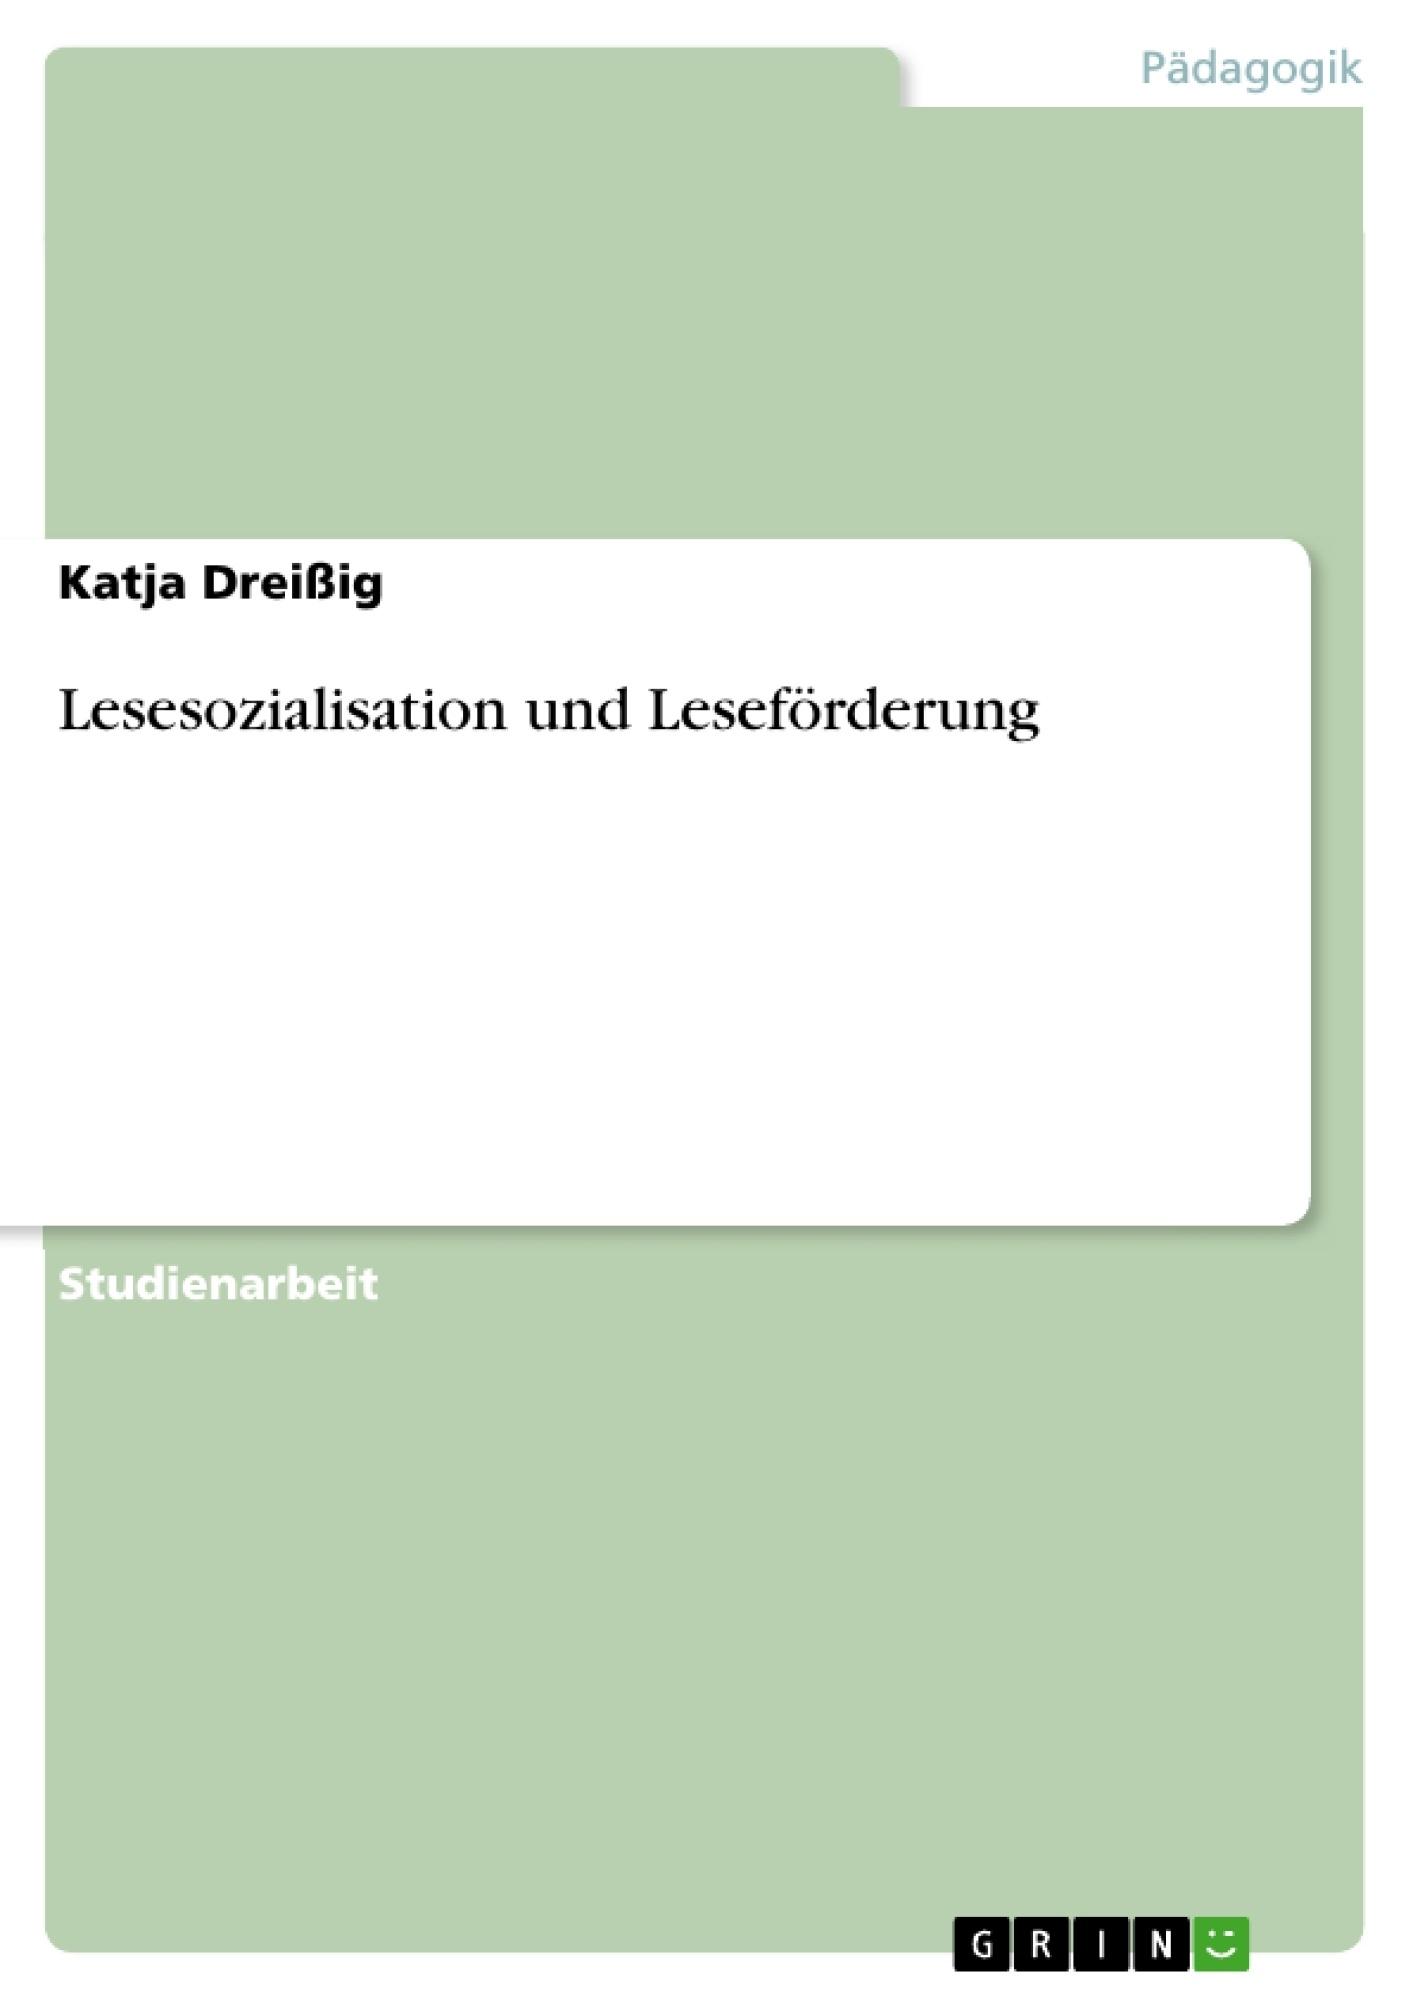 Titel: Lesesozialisation und Leseförderung